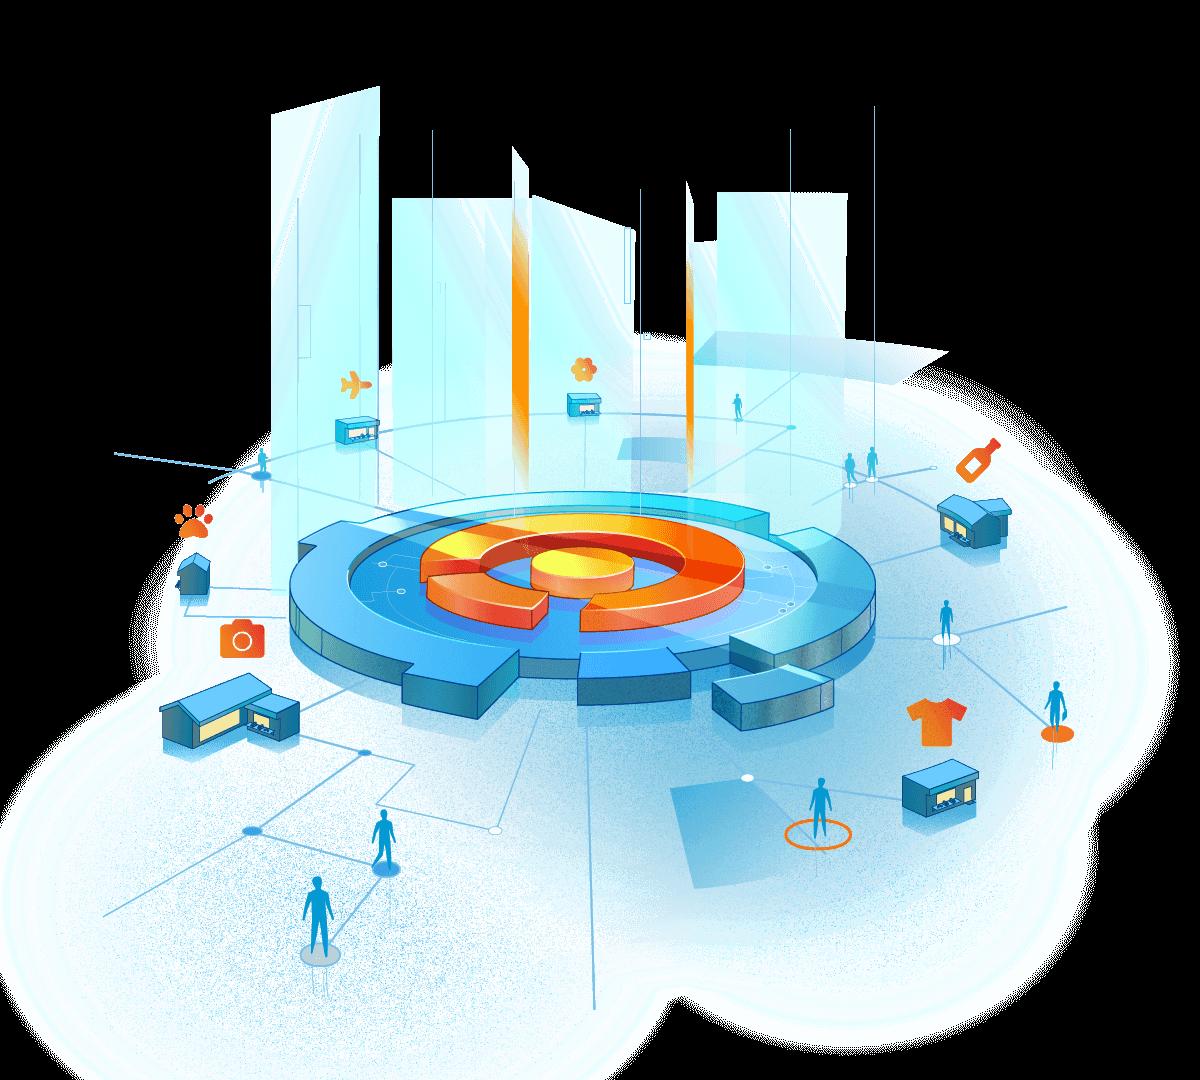 abstrakte Darstellung des Sovendus Netzwerkes mit Vernetzungen zwischen Shops, Partner & Kunden